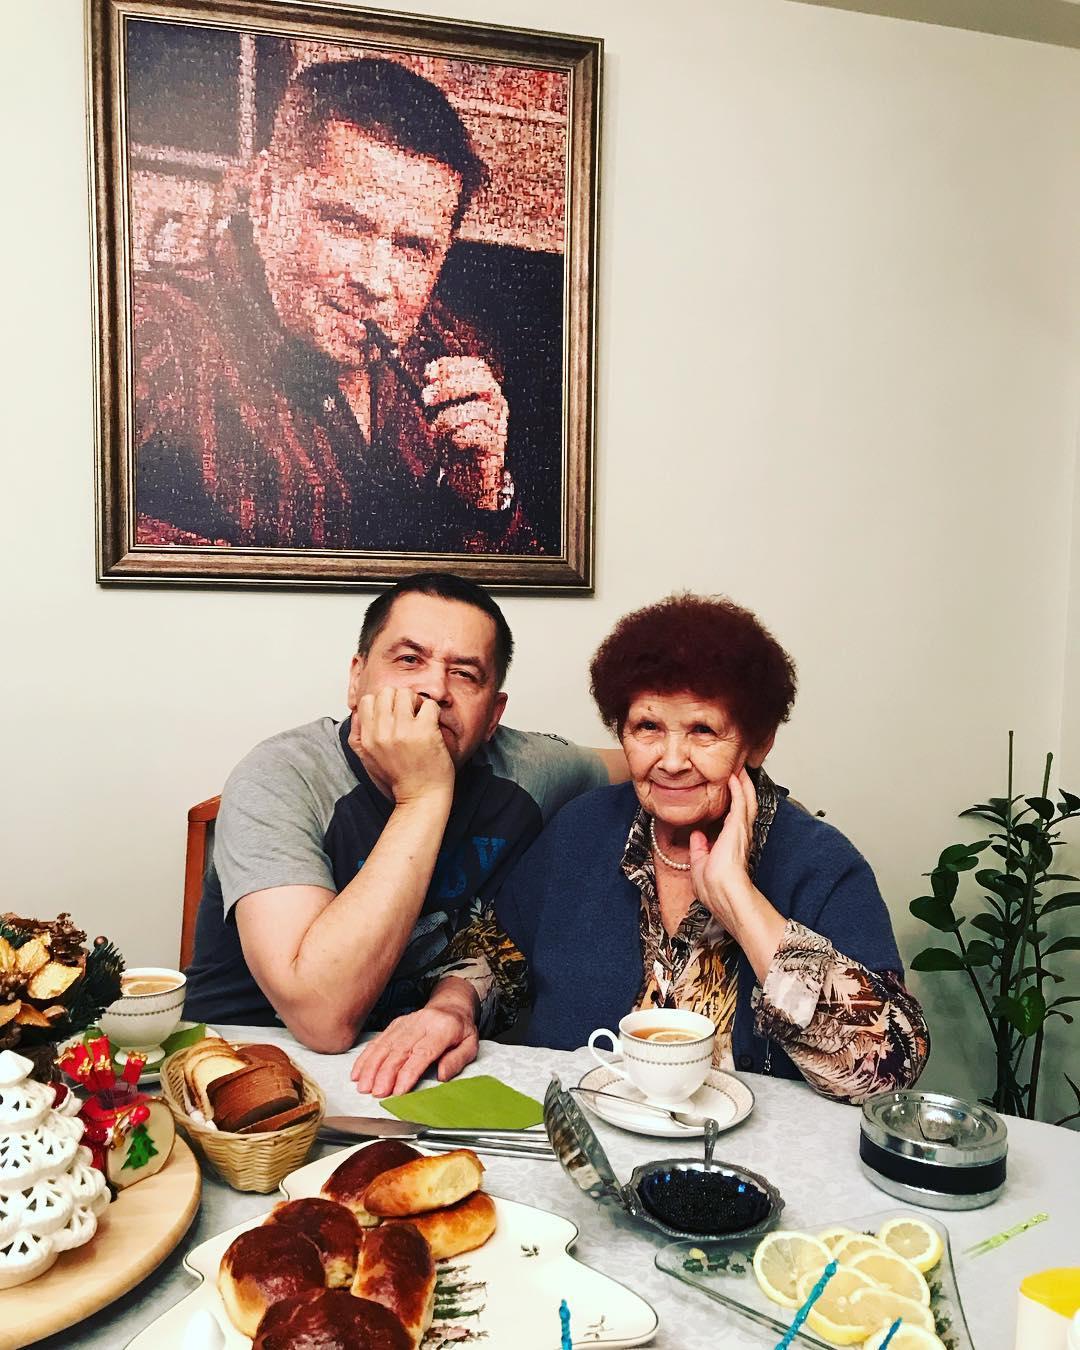 Наталья расторгуева: биография жены николая расторгуева, возраст, фото